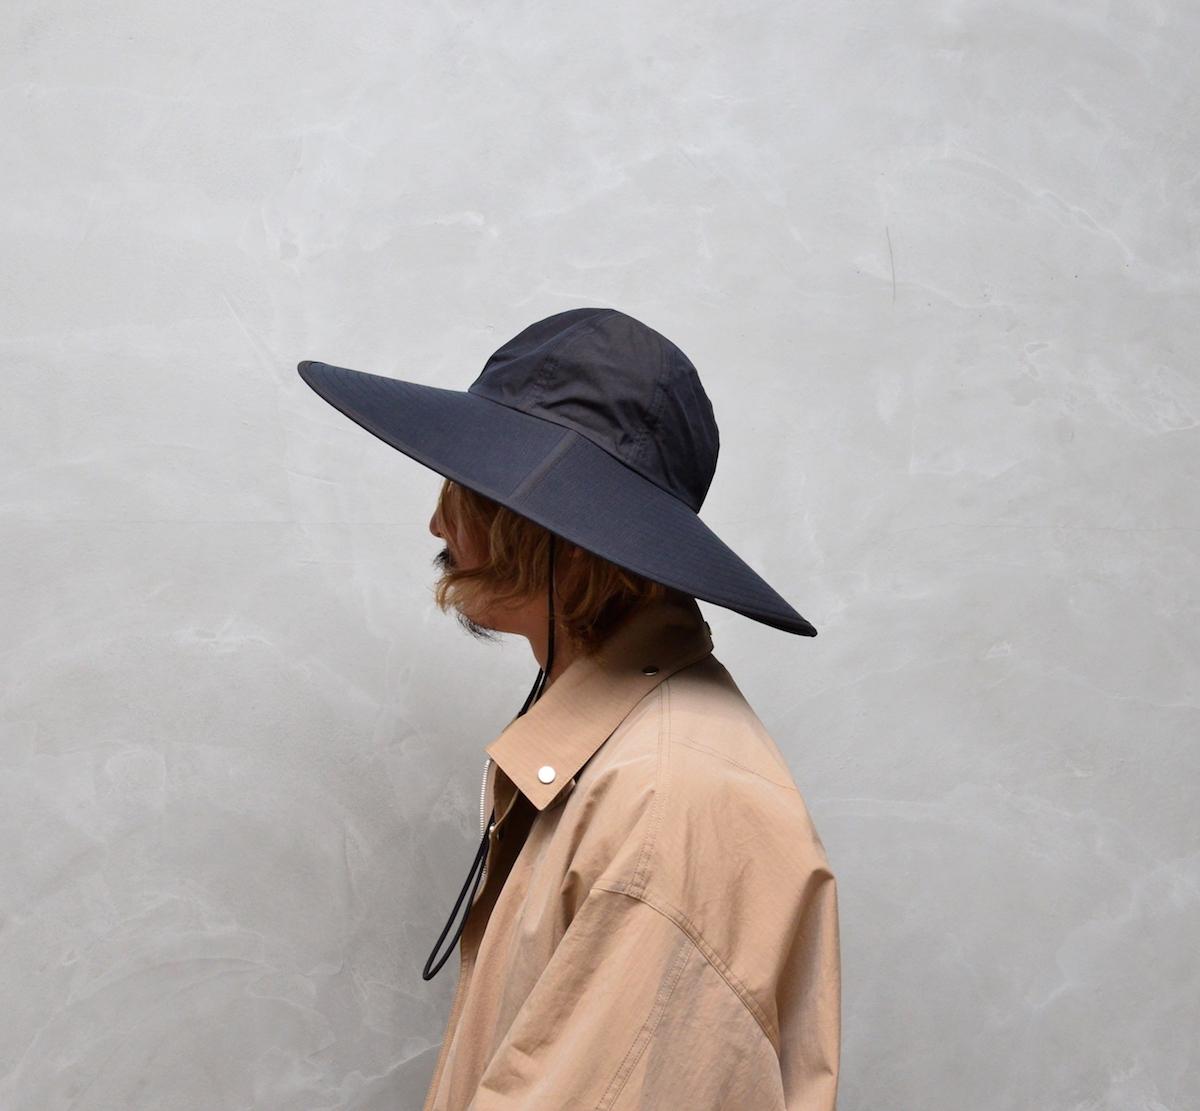 AURALEE 「 WASHED FINX RIPSTOP CHAMBRAY LONG BRIM HAT MADE BY KIJIMA TAKAYUKI / BLACK CHAMBRAY 」